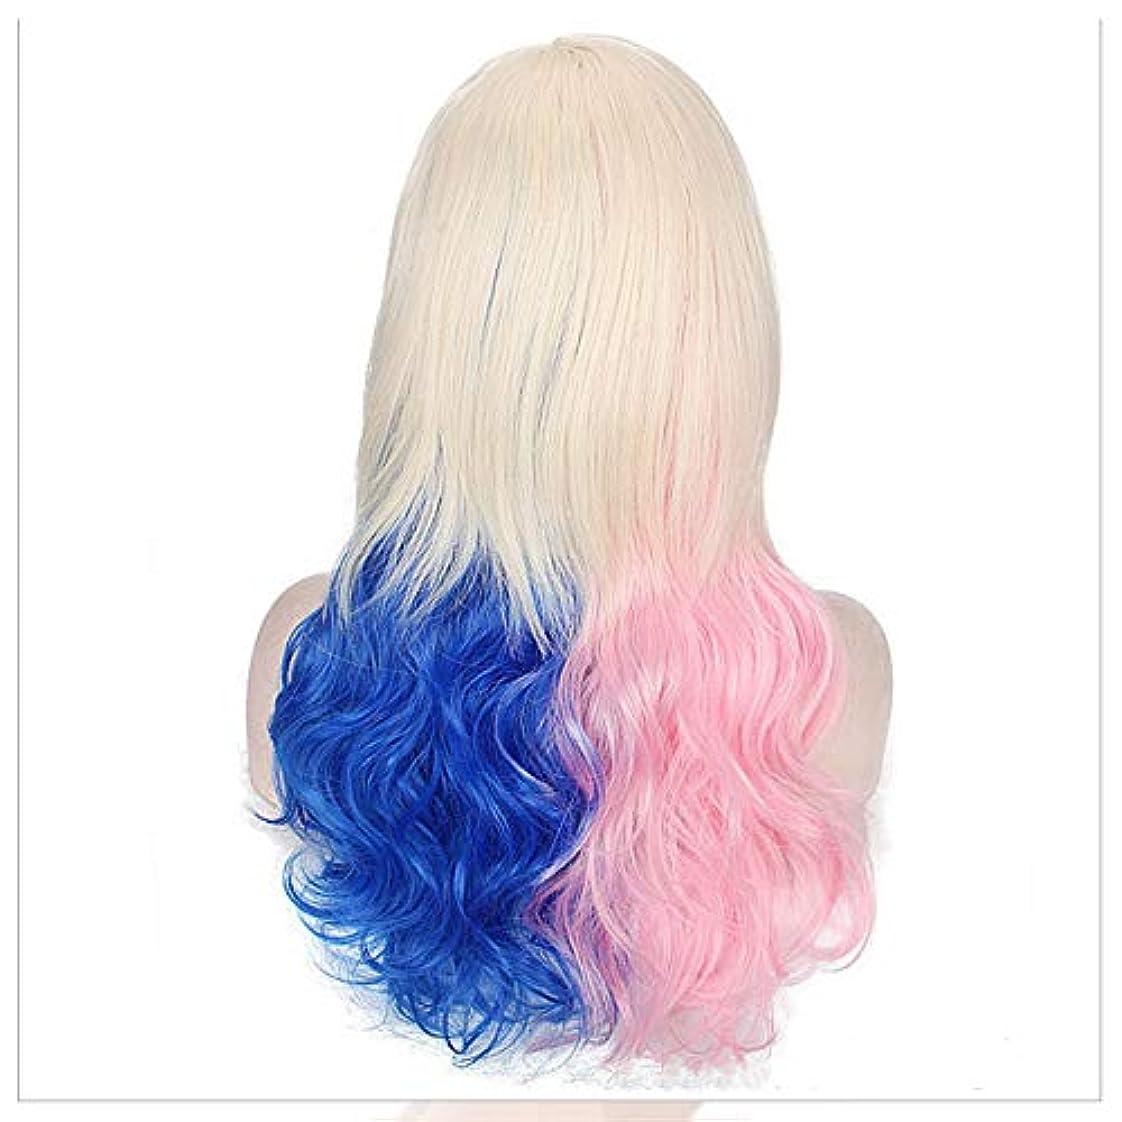 分床ベース偽の髪のスライス、髪の接続、ヘアピンの巻いた髪、マットな髪のかつら、成長した髪を接ぎ木して、傷がないです